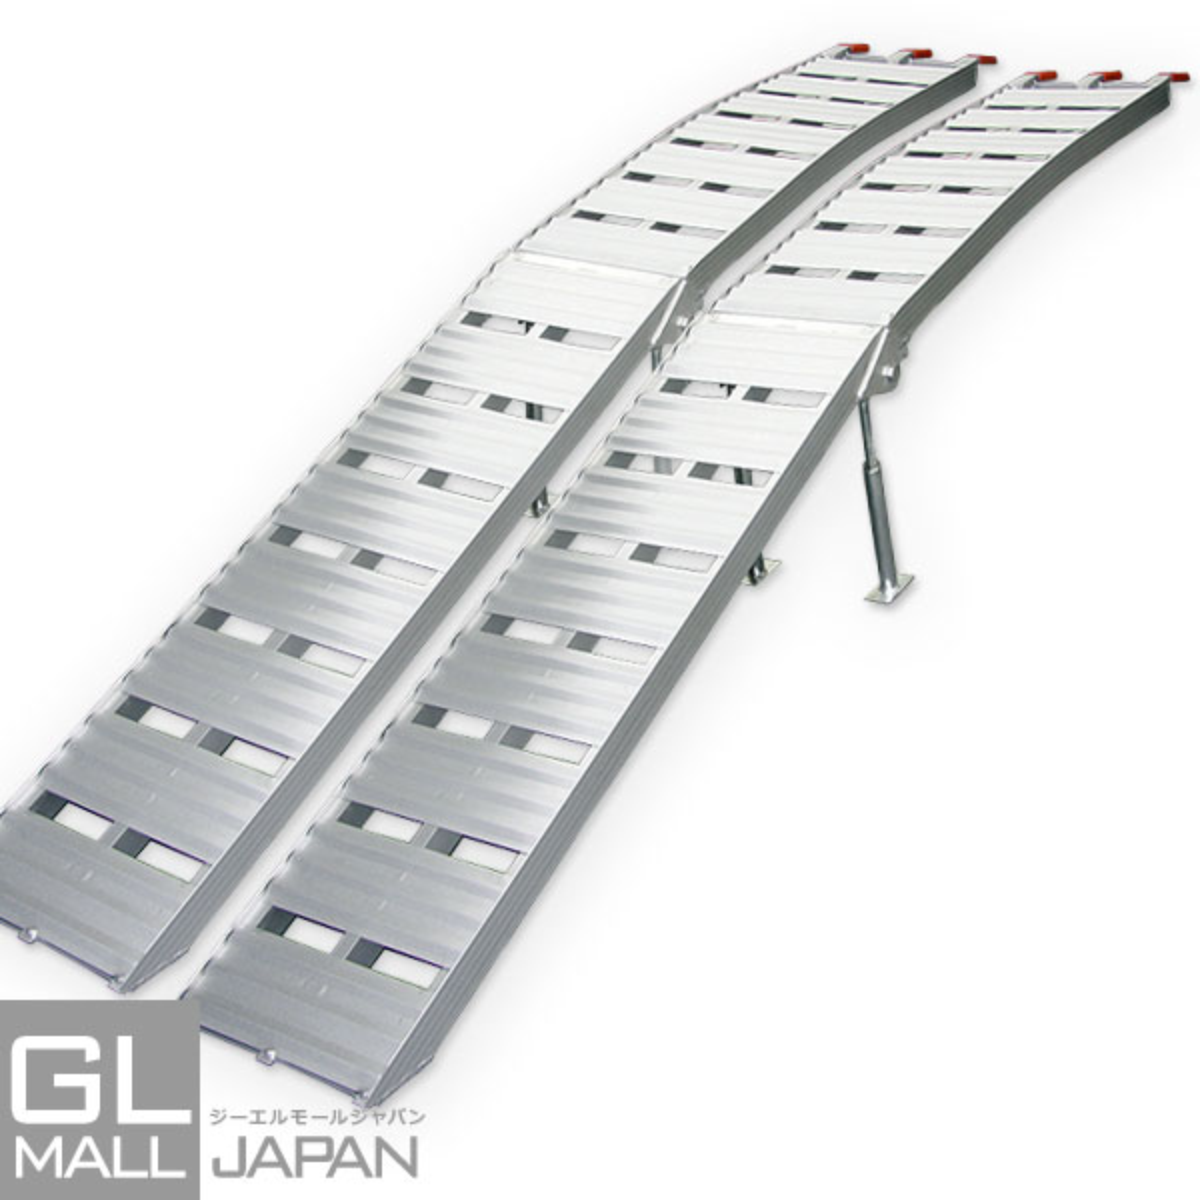 アルミラダーレール Type-B 2本SET 折畳式 耐荷重500kg / アルミブリッジ(8.5kg)_SN